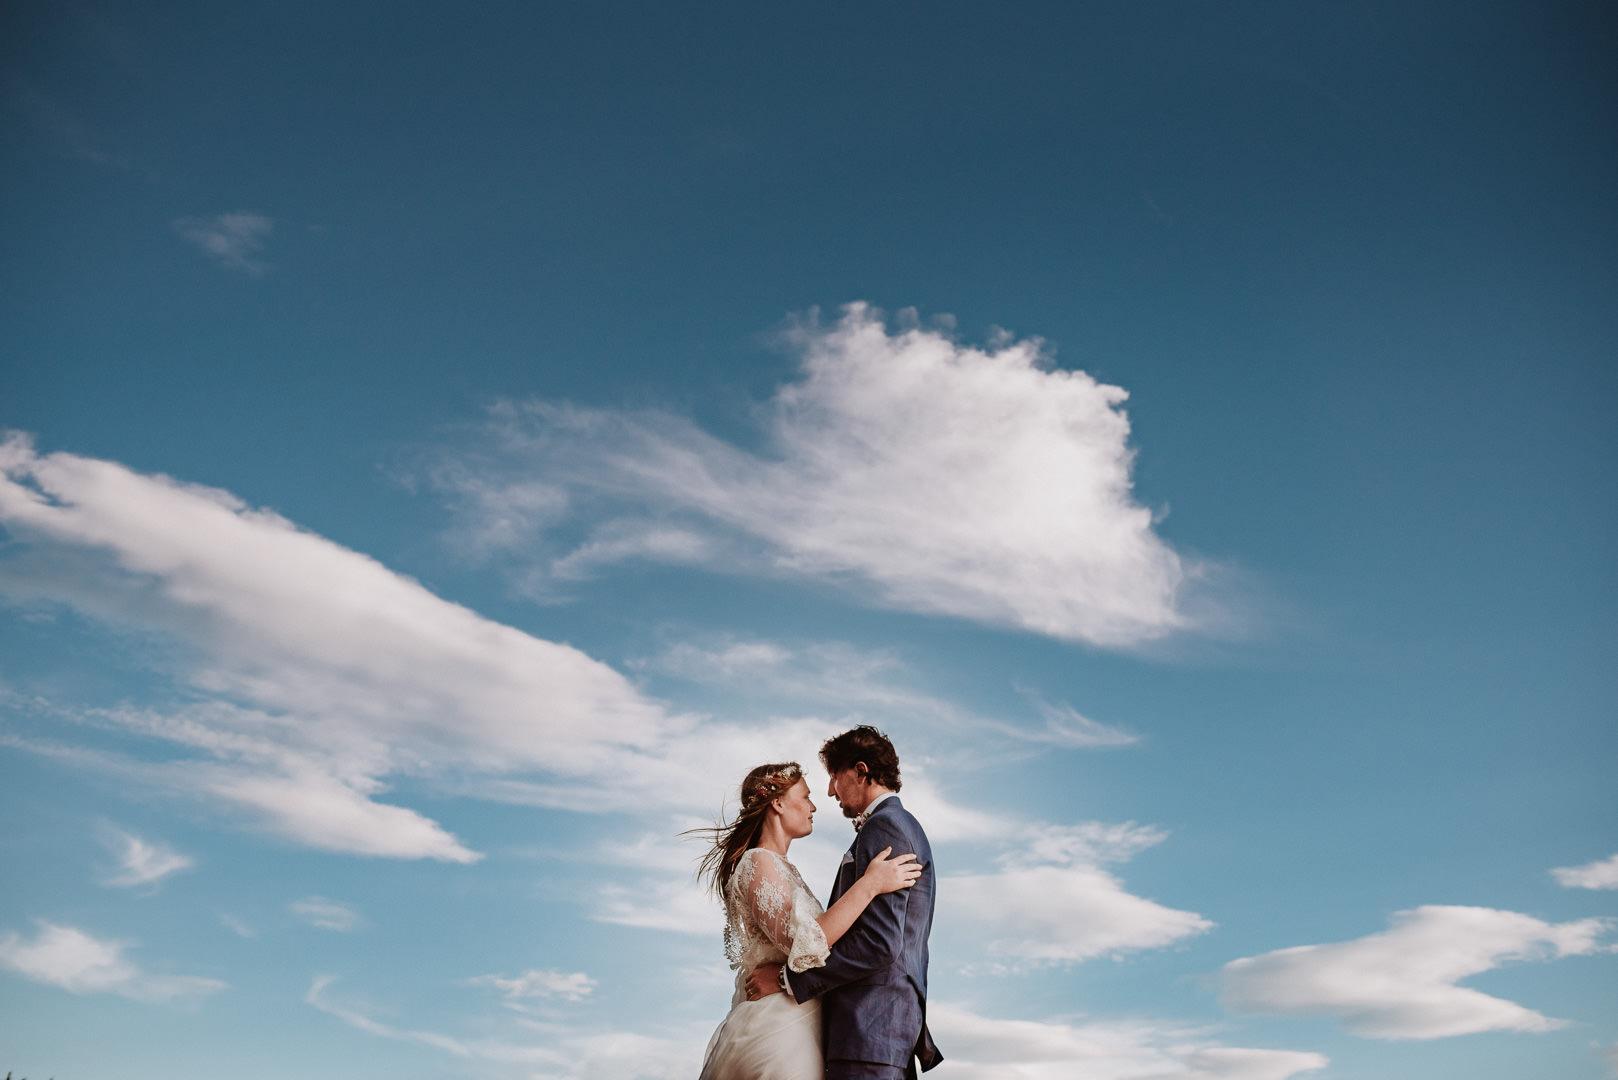 fotógrafo de casamiento en patagonia argentina